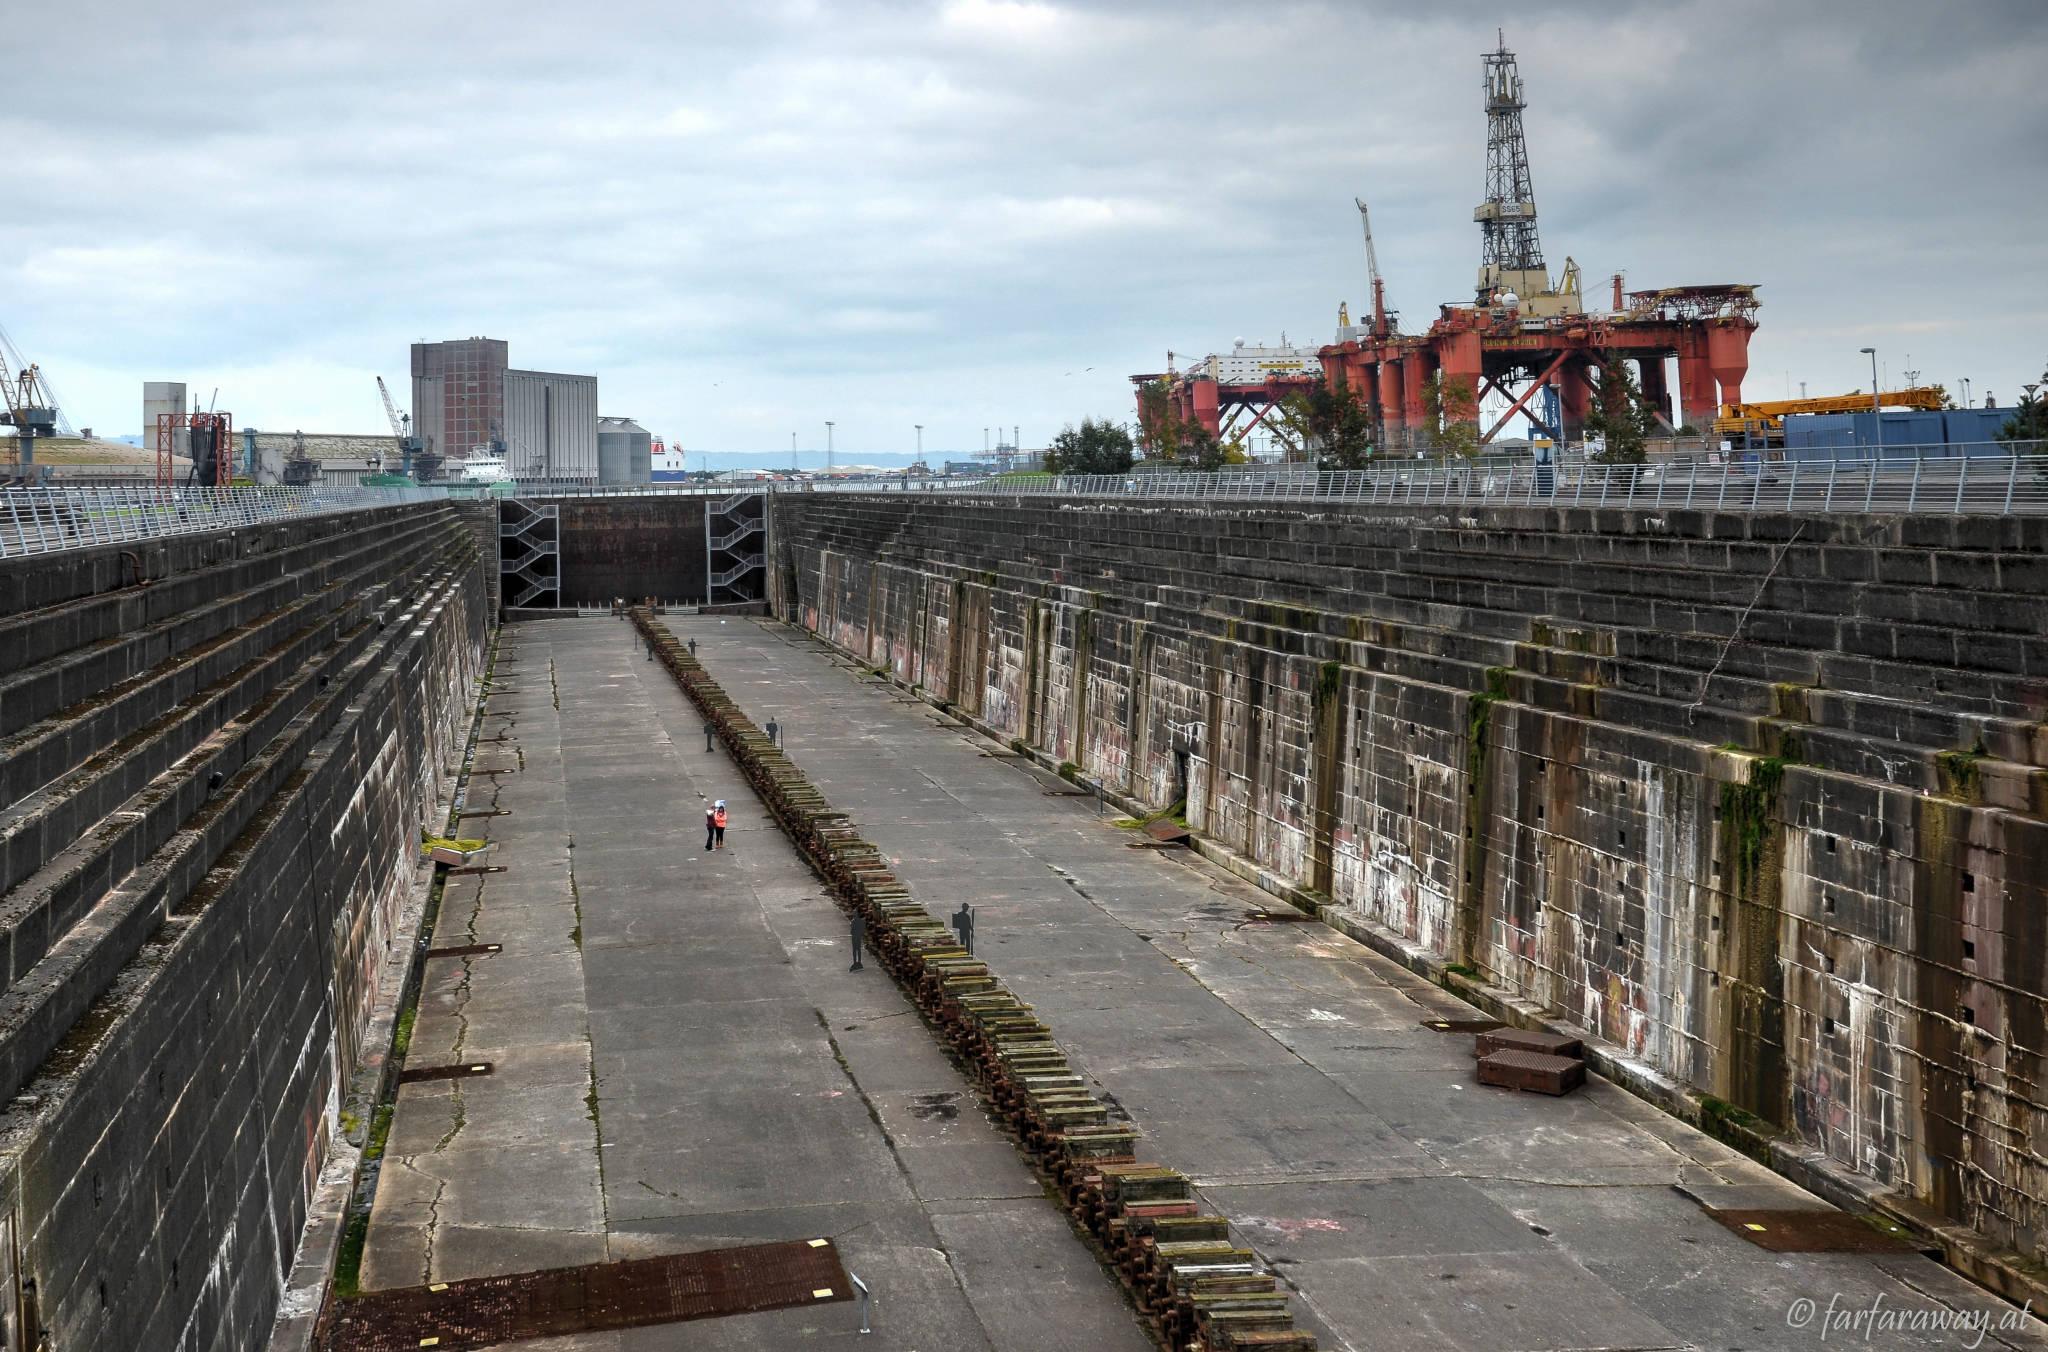 Das Thompson Graving Dock. Hier wurde die Titanic gebaut.